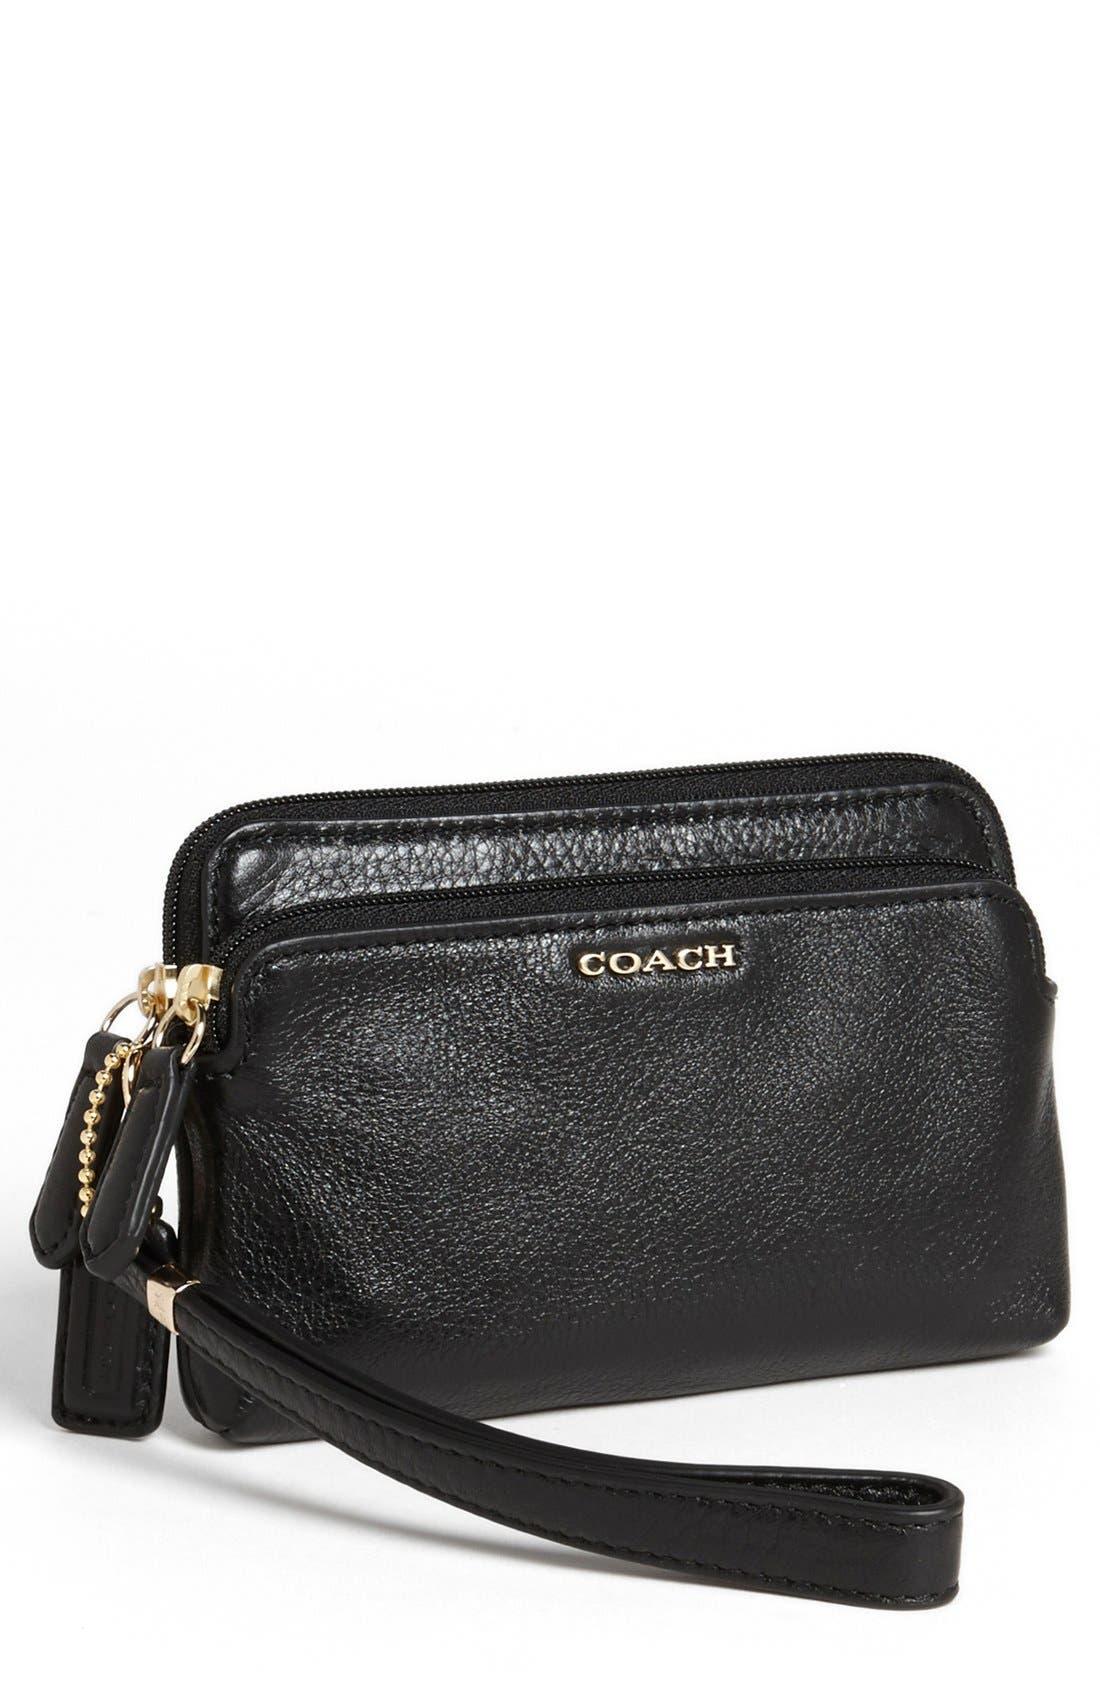 Main Image - COACH 'Madison' Leather Wristlet